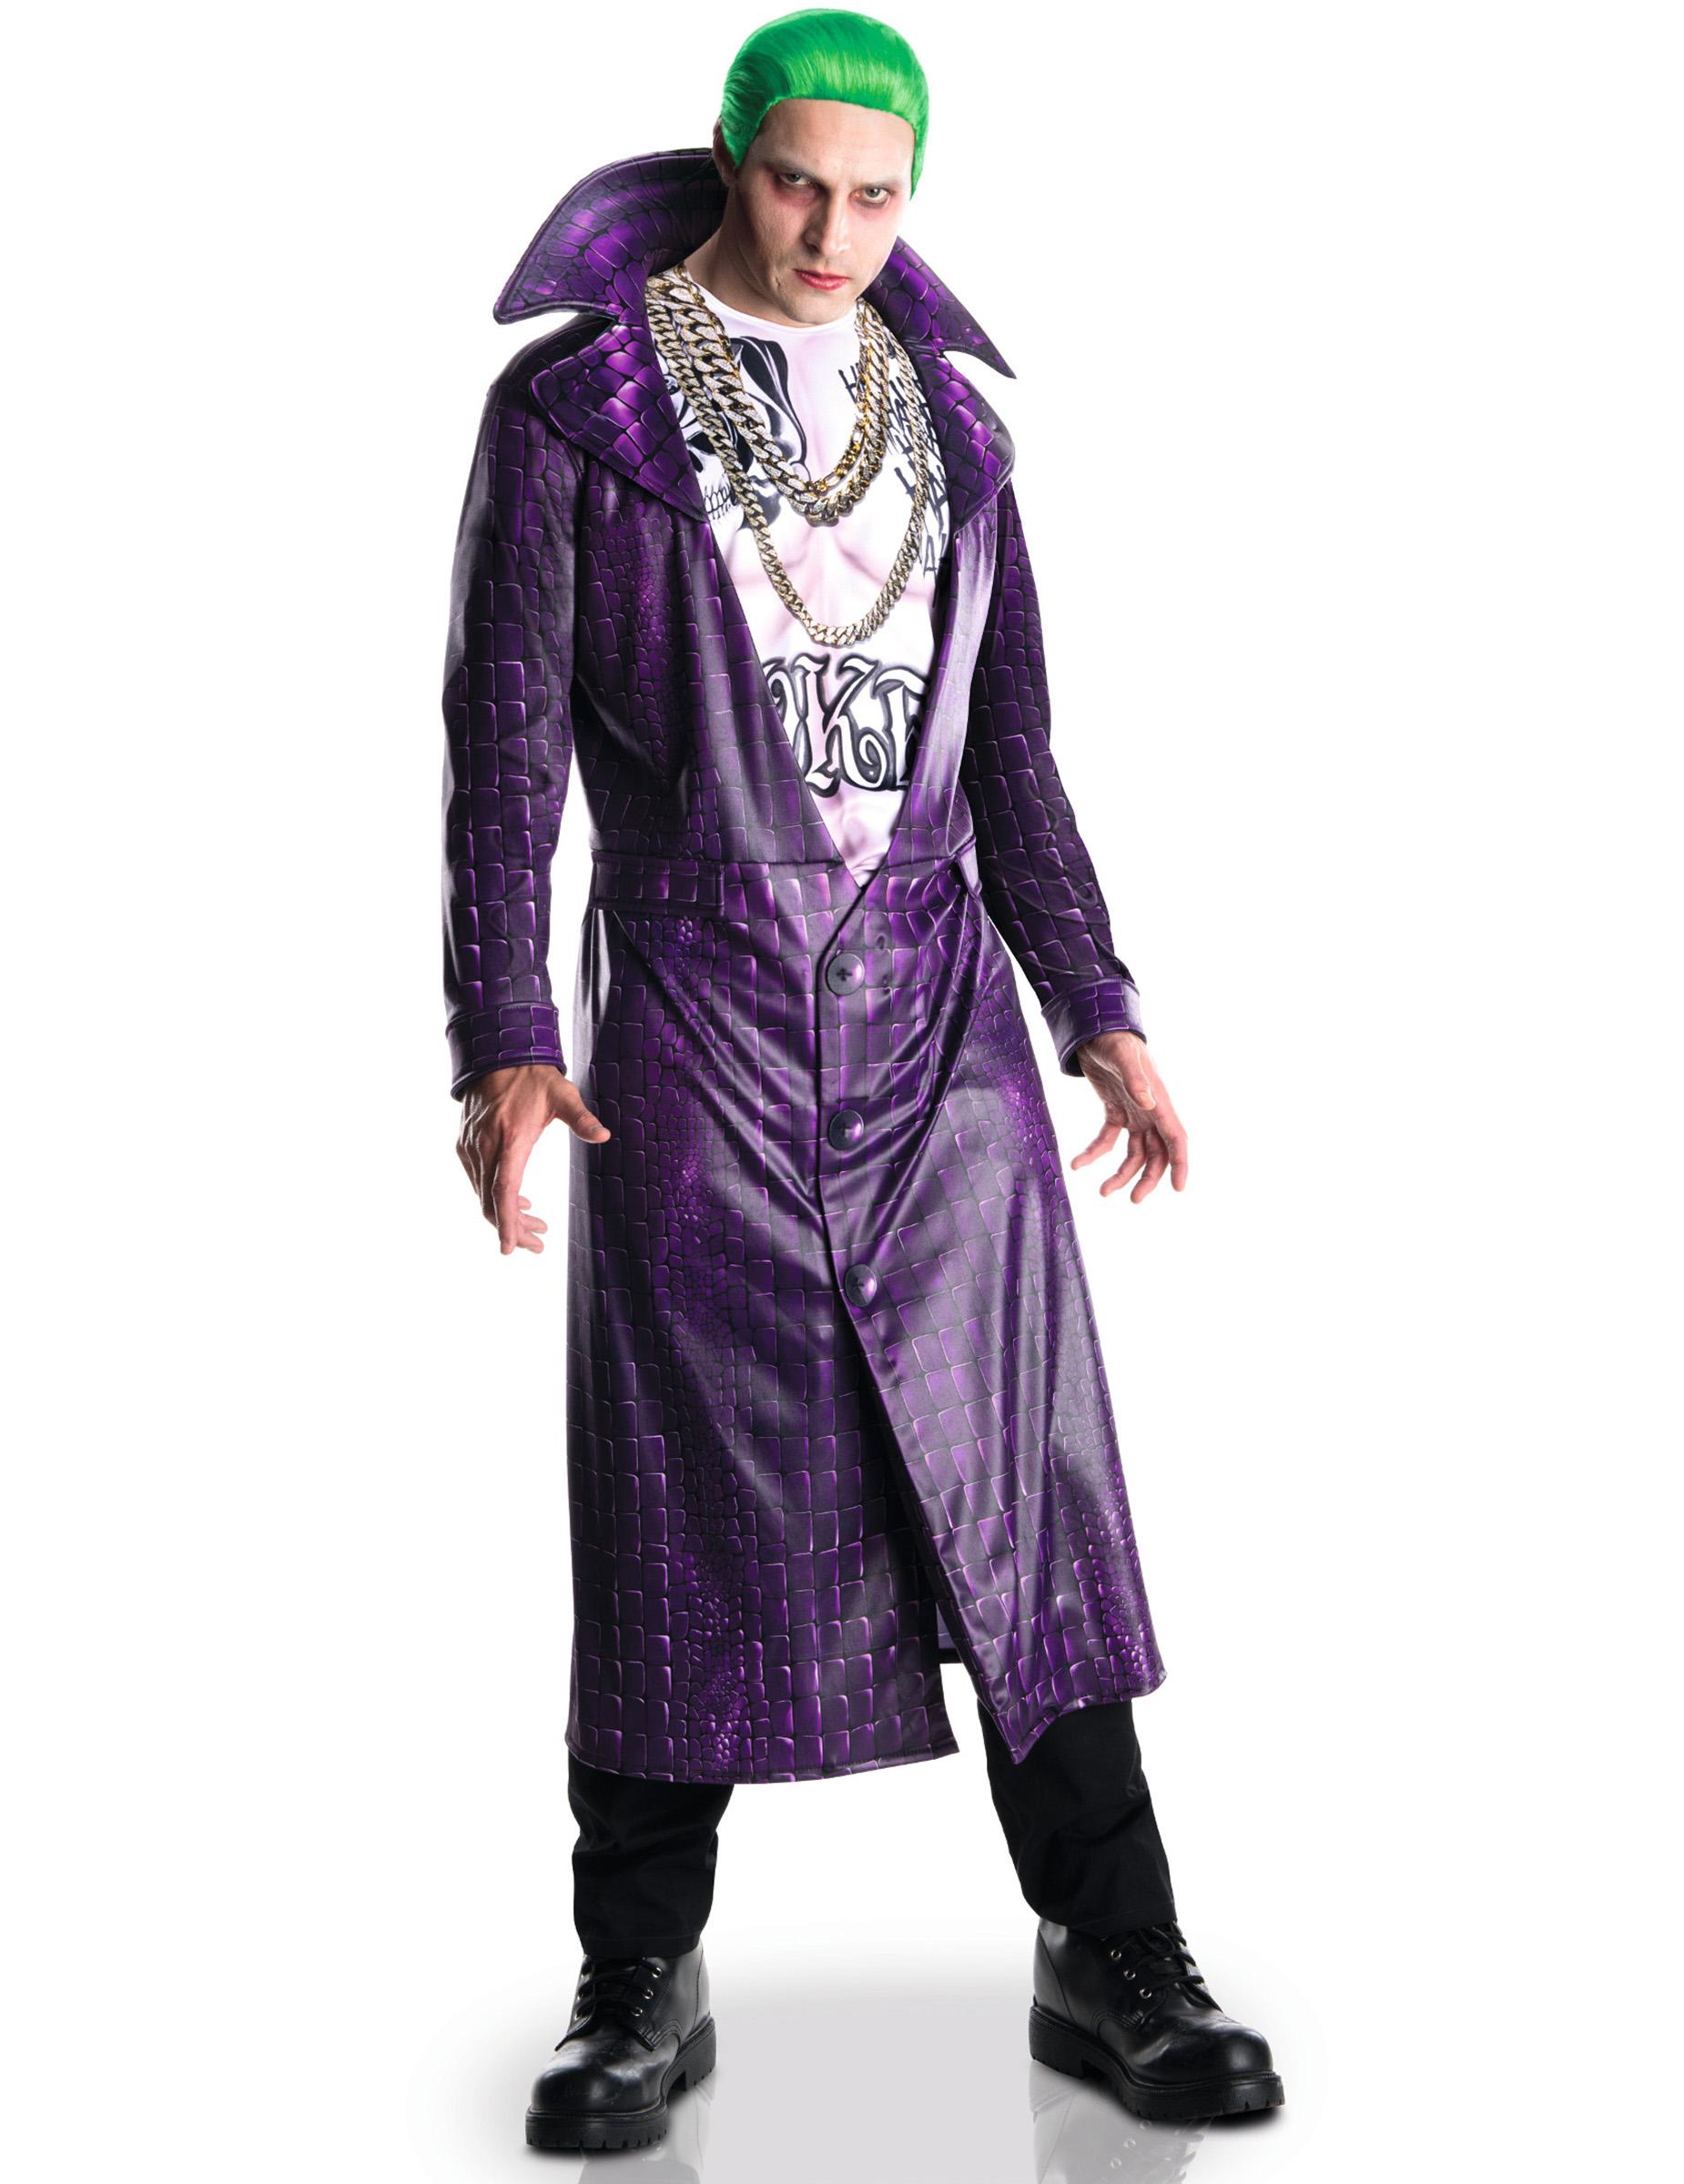 Ongekend Disfarce luxo adulto Joker - Suicide Squad™: Disfarces Adultos BI-22